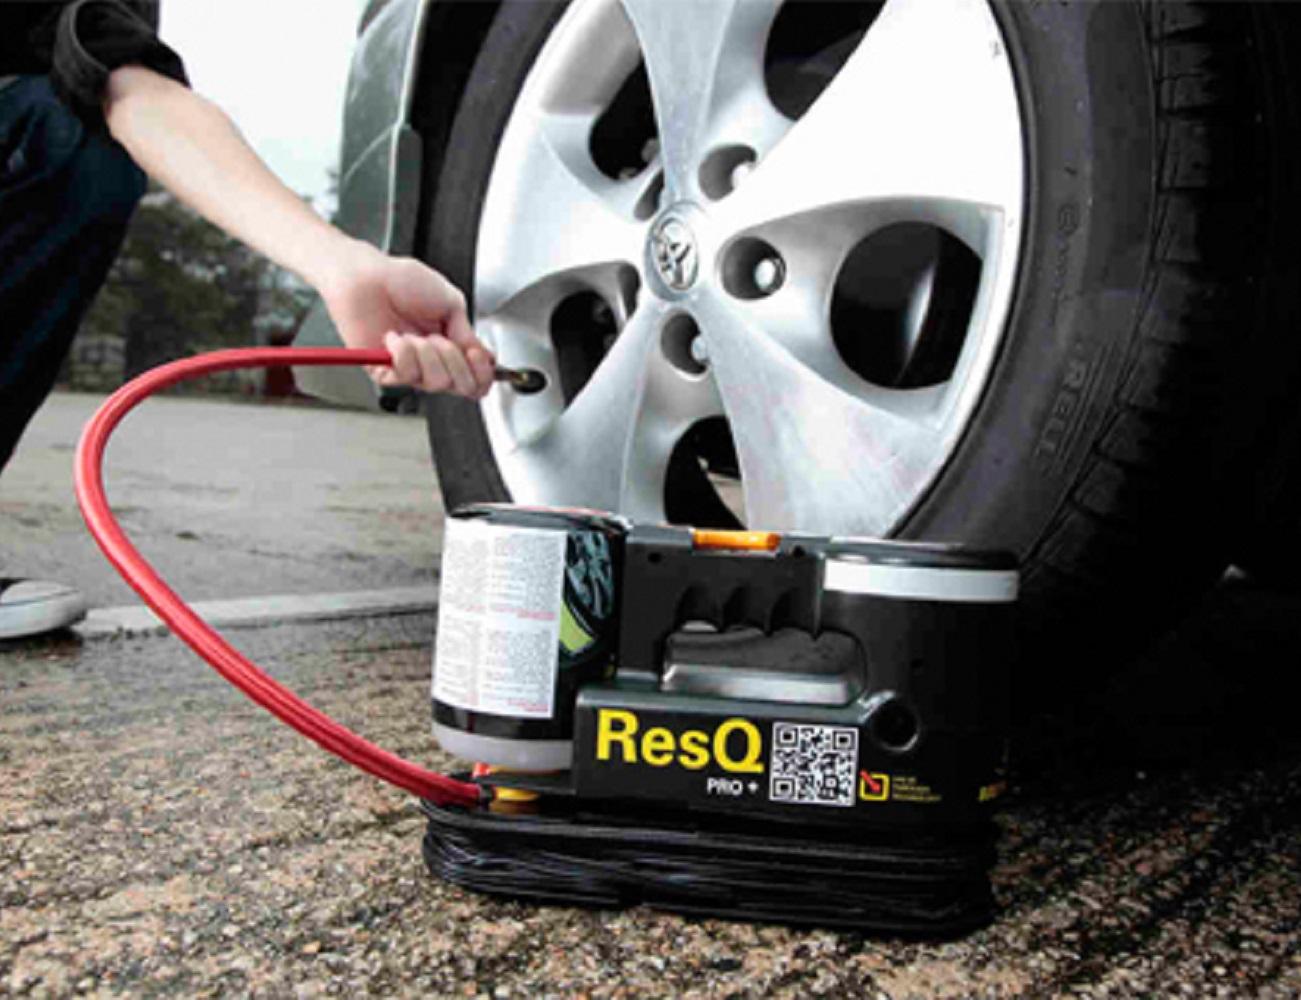 ResQ+Tire+Repair